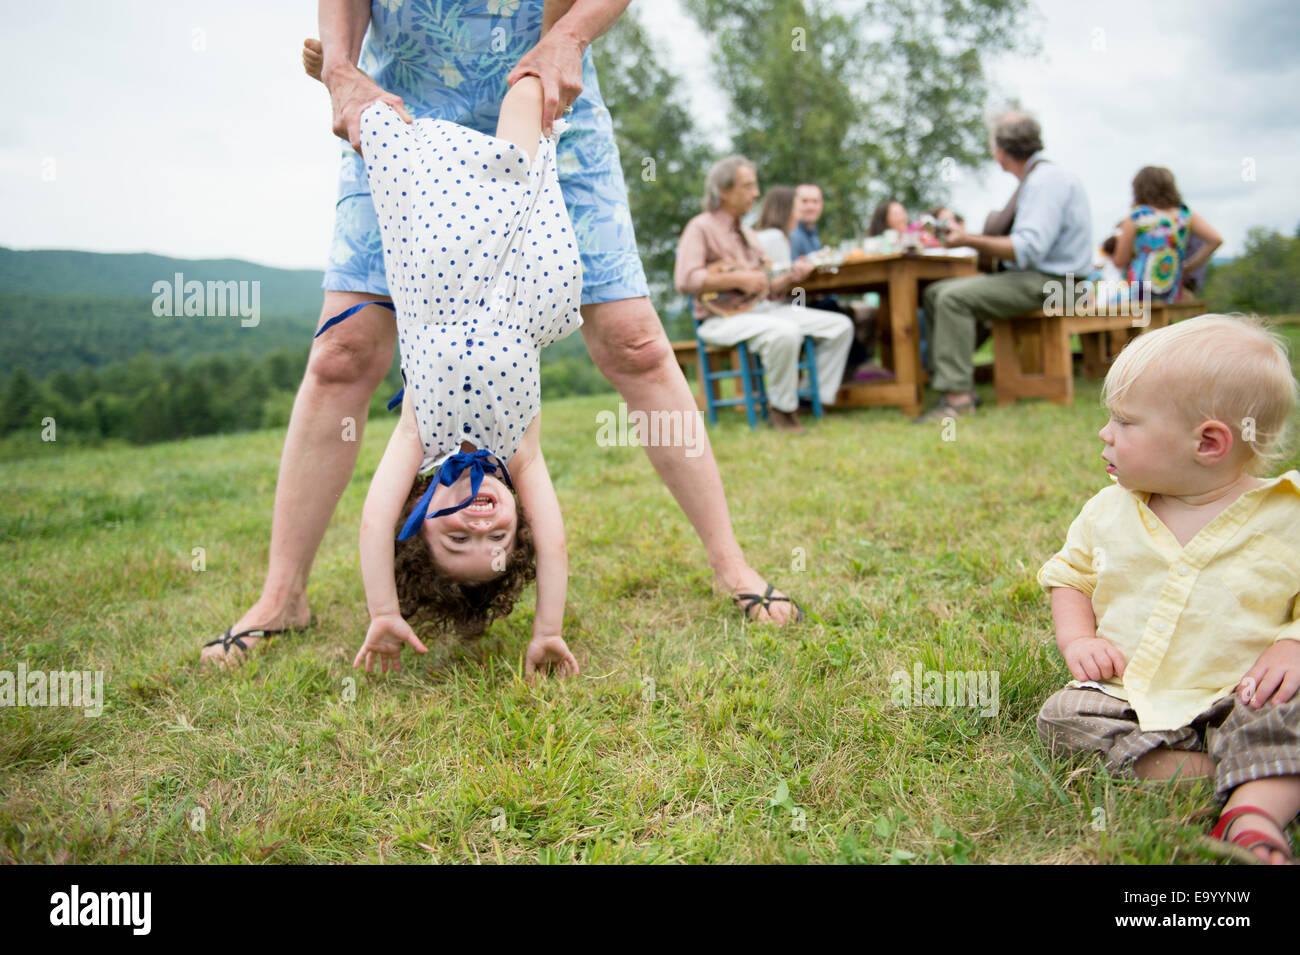 Membro da família do sexo feminino assustares exploração toddler pelas pernas no encontro de família, Imagens de Stock